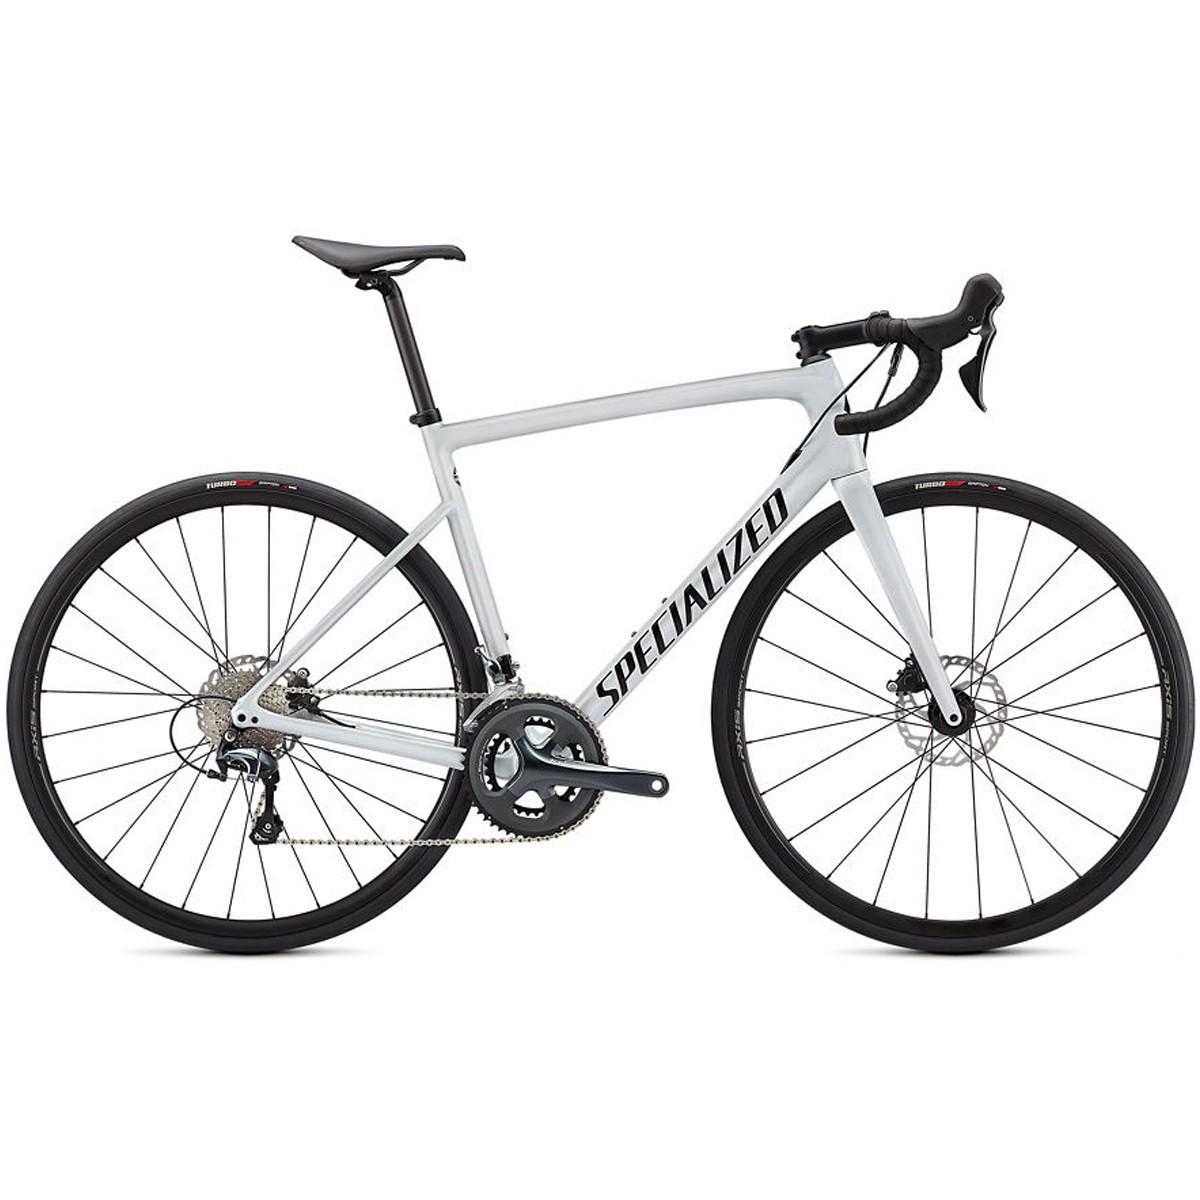 Bicicleta Specialized Tarmac SL6 Disc 2021